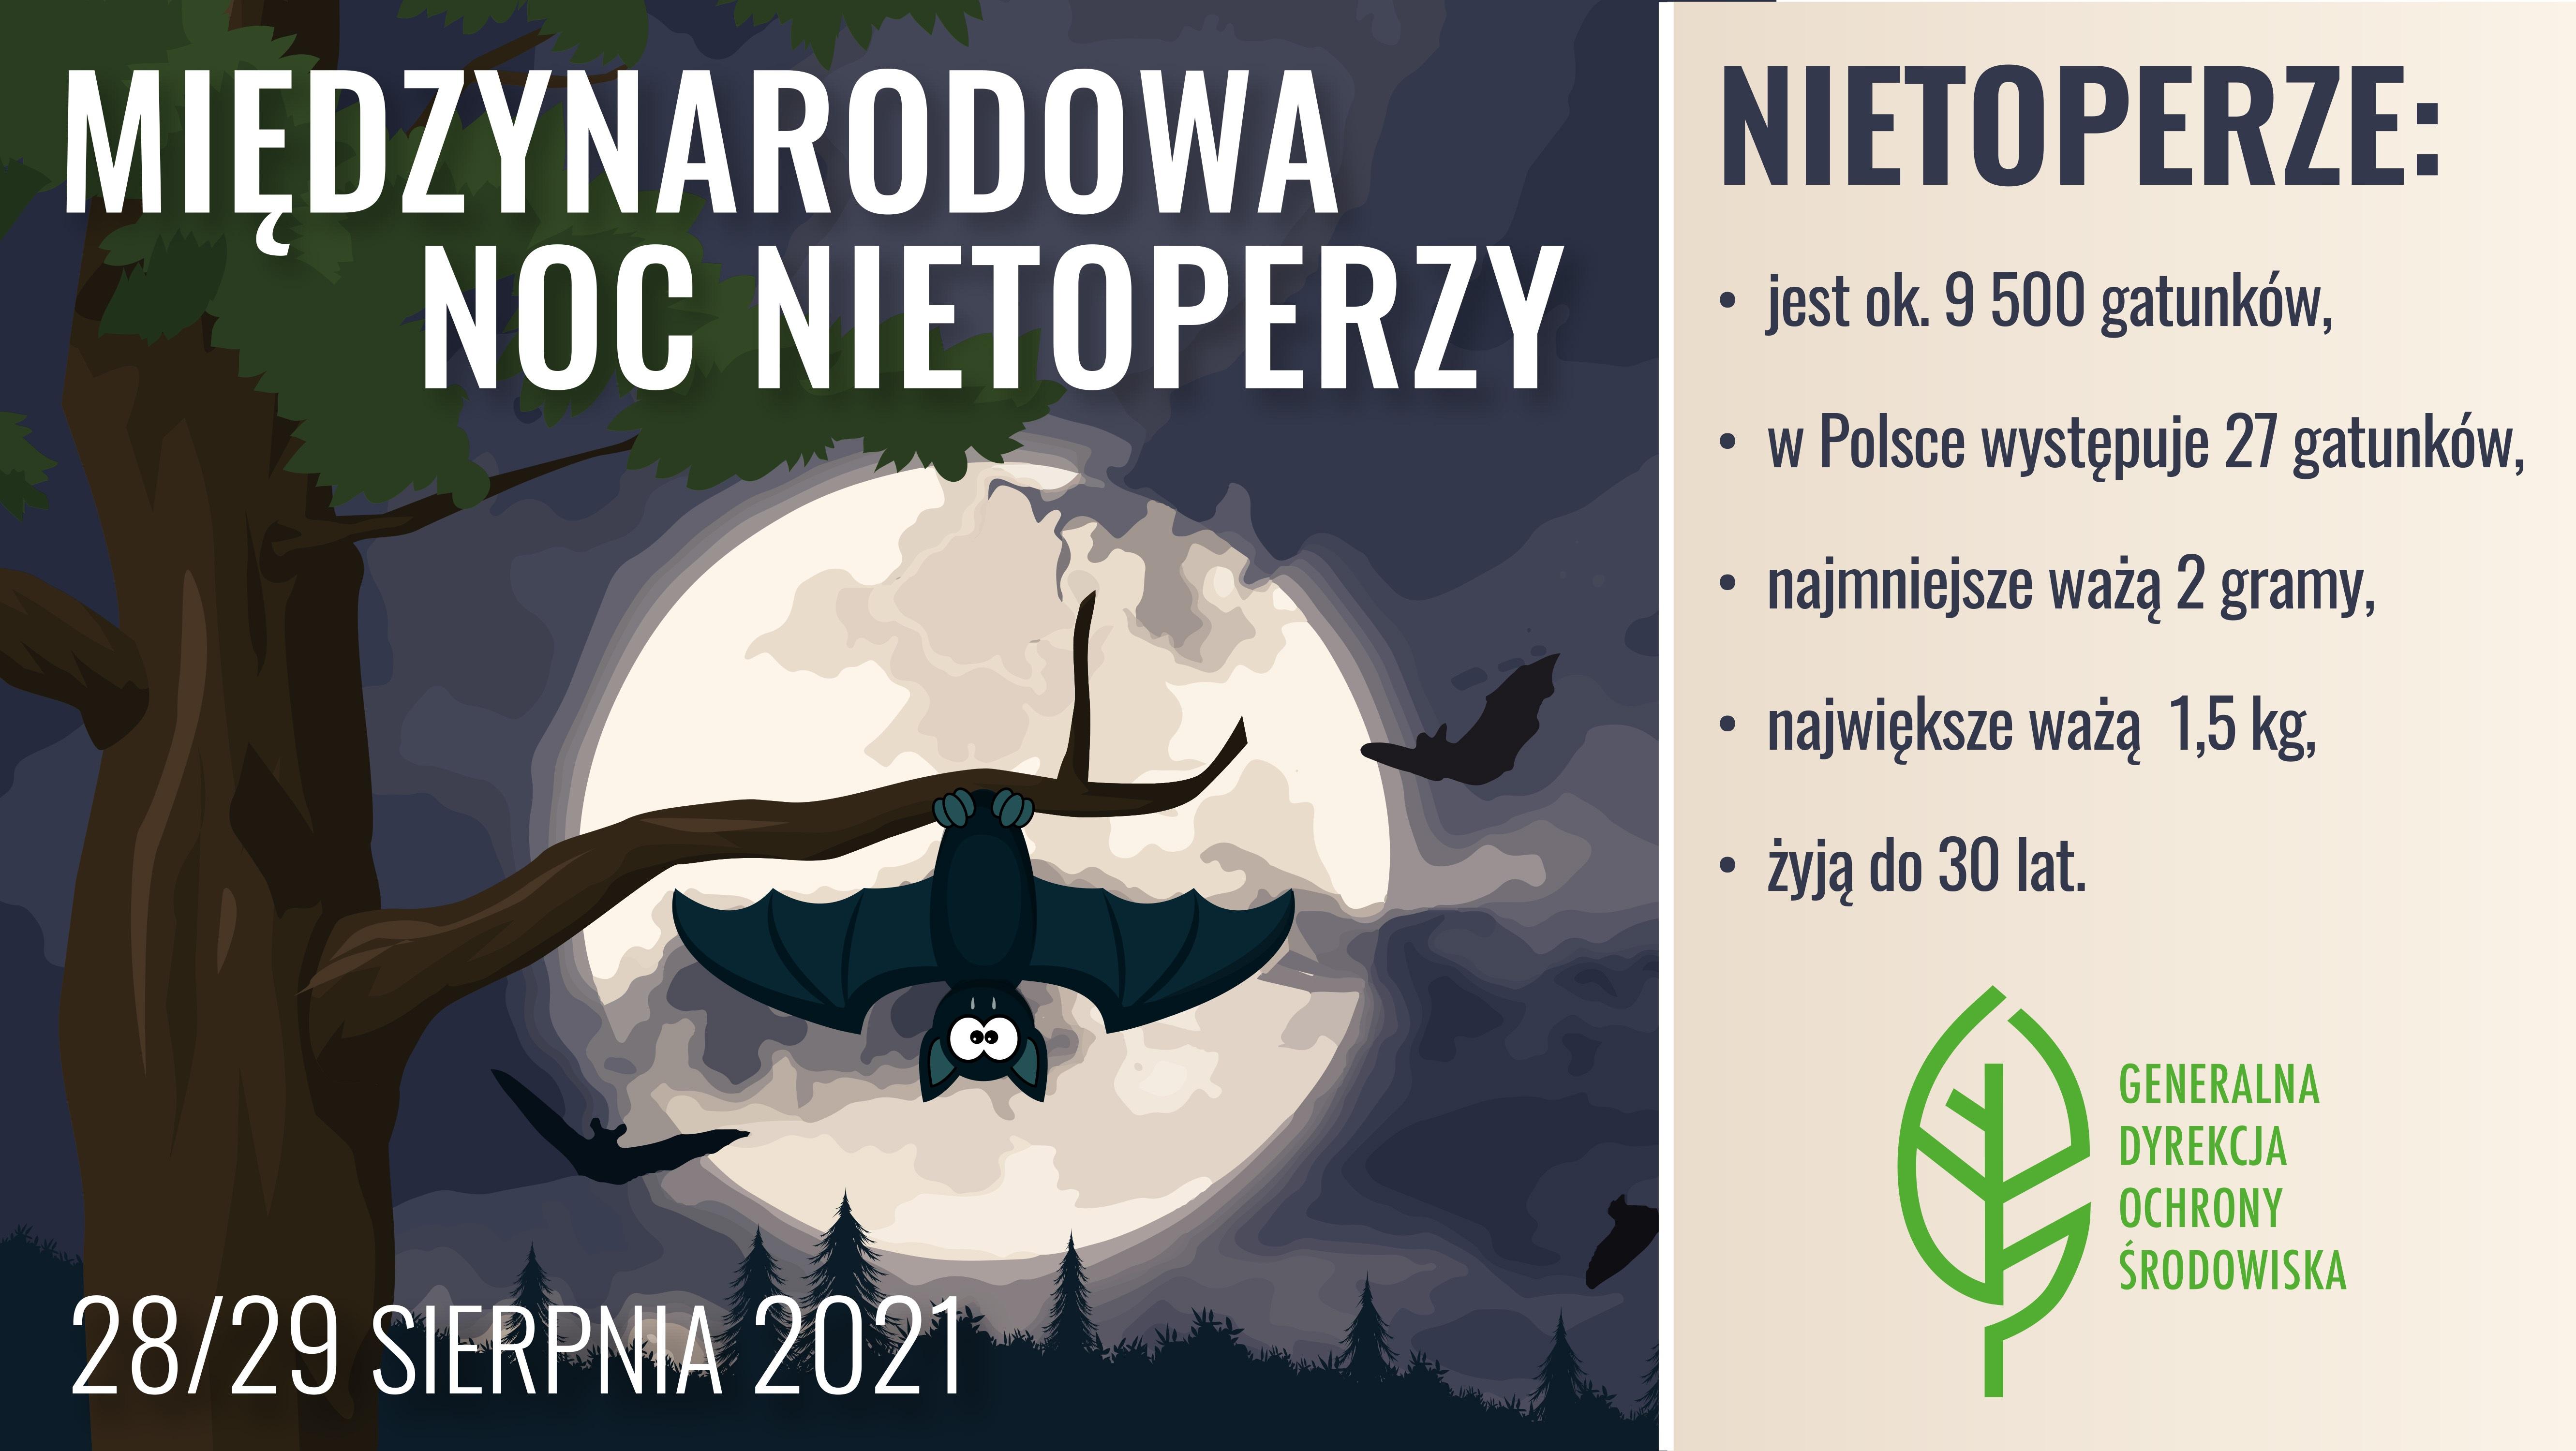 Rysunek nietoperza z informacją o Międzynarodowej Nocy Nietoperzy w dniach 28-29 sierpnia 2021. Na grafice wypisane są informacje: jest ok. 9500 gatunków nietoperzy, w Polsce występuje 27 gatunków, najmniejsze ważą 2 gramy, największe 1,5 kg, żyją do 30 lat